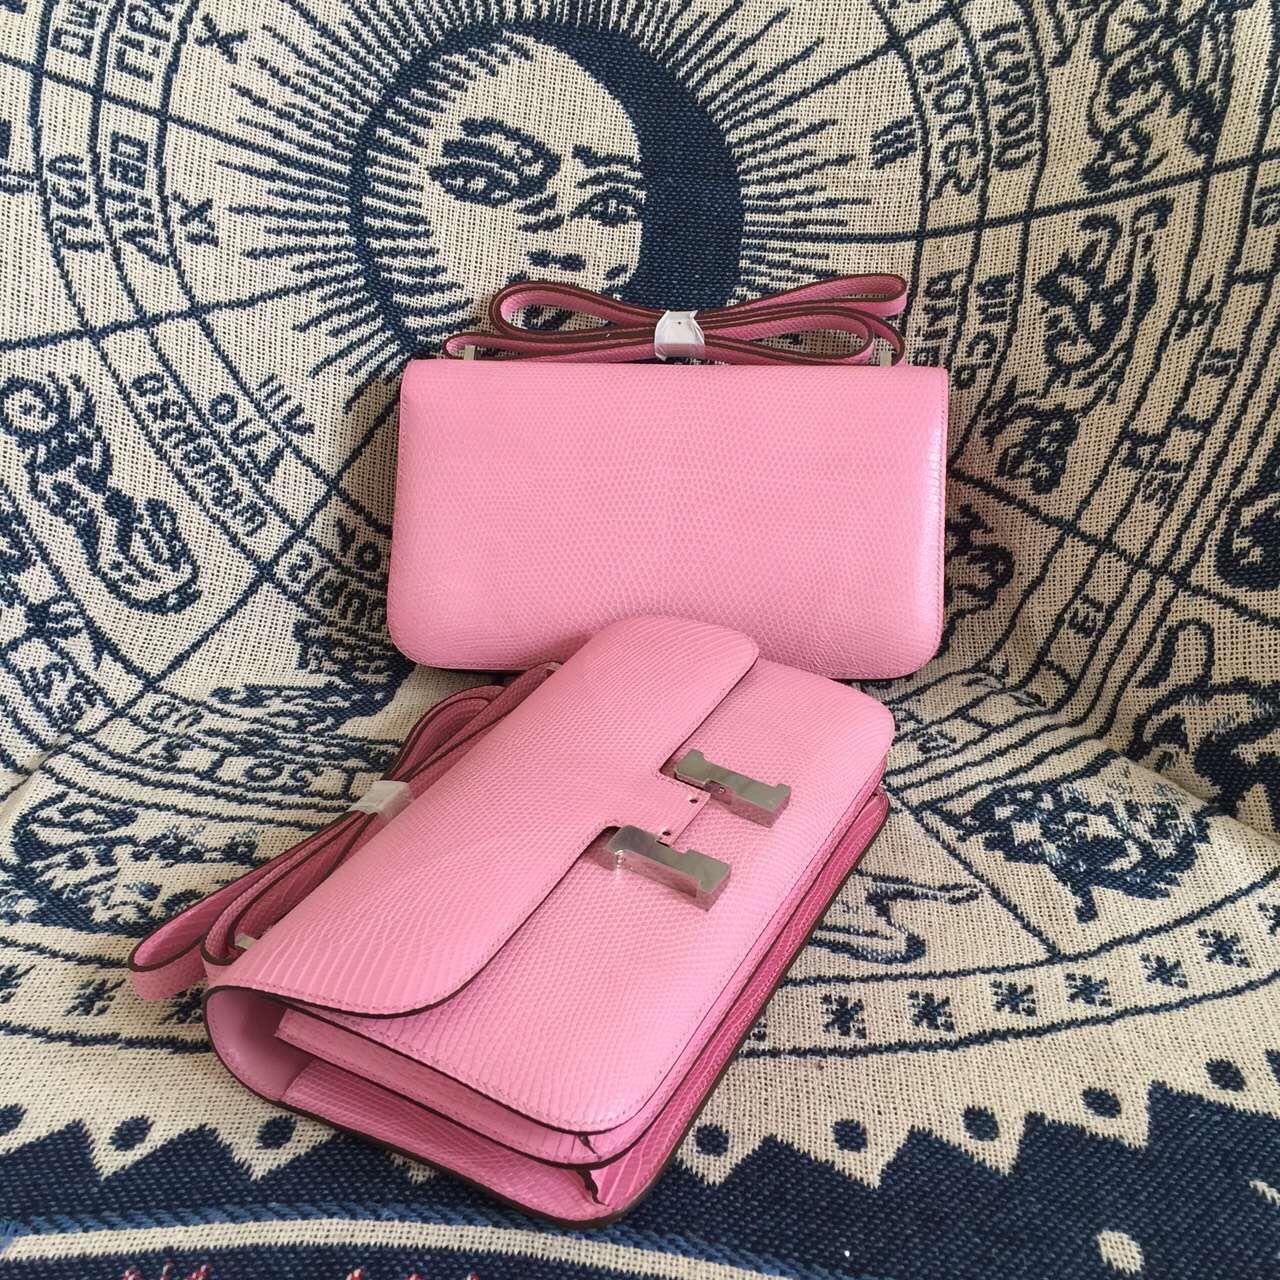 Cheap Hermes 5P Pink Lizard Skin Constance Bag Women's Cross-body Bag 26CM